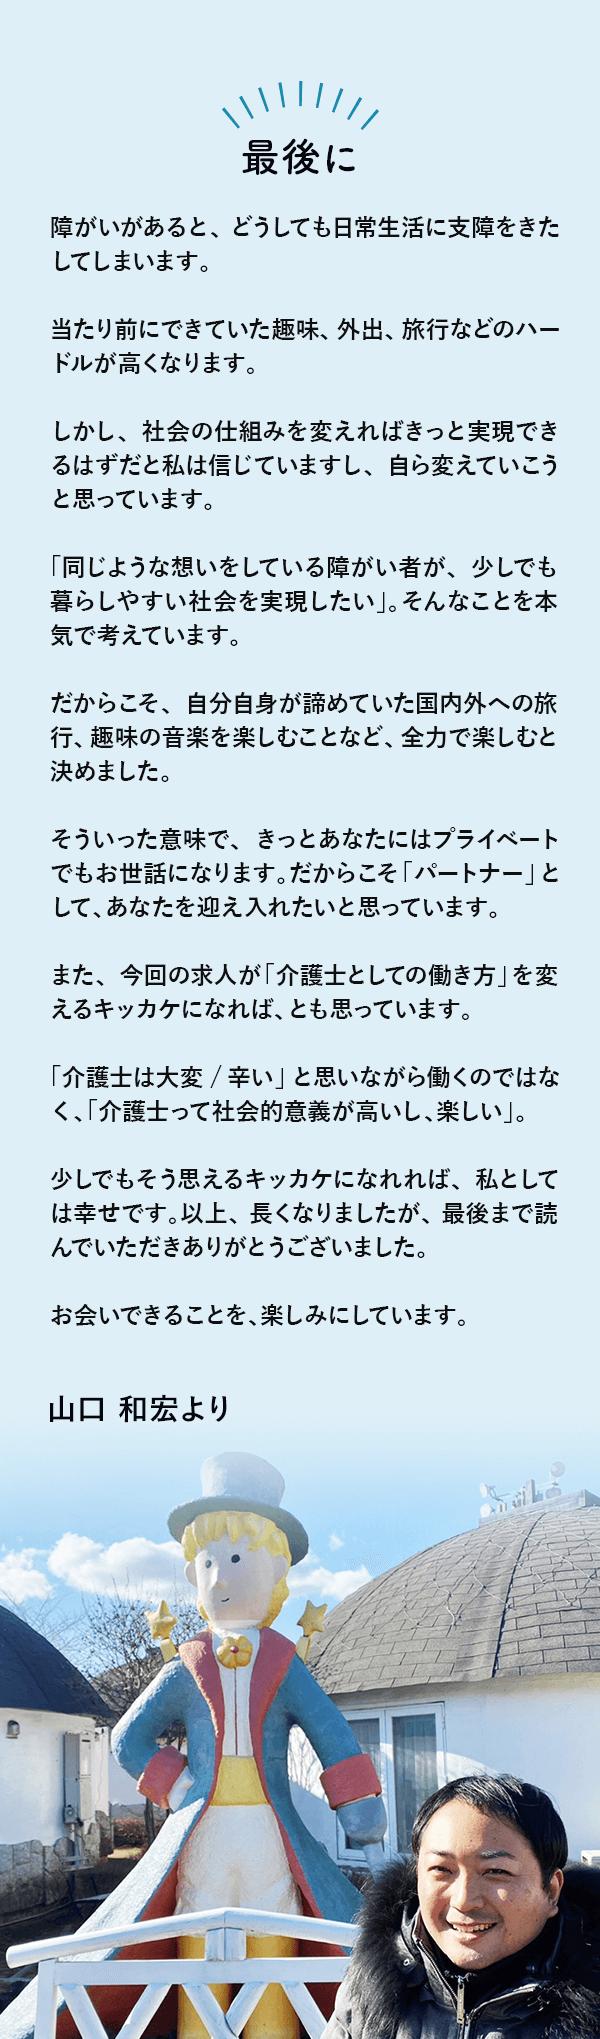 lp_sp_15.png